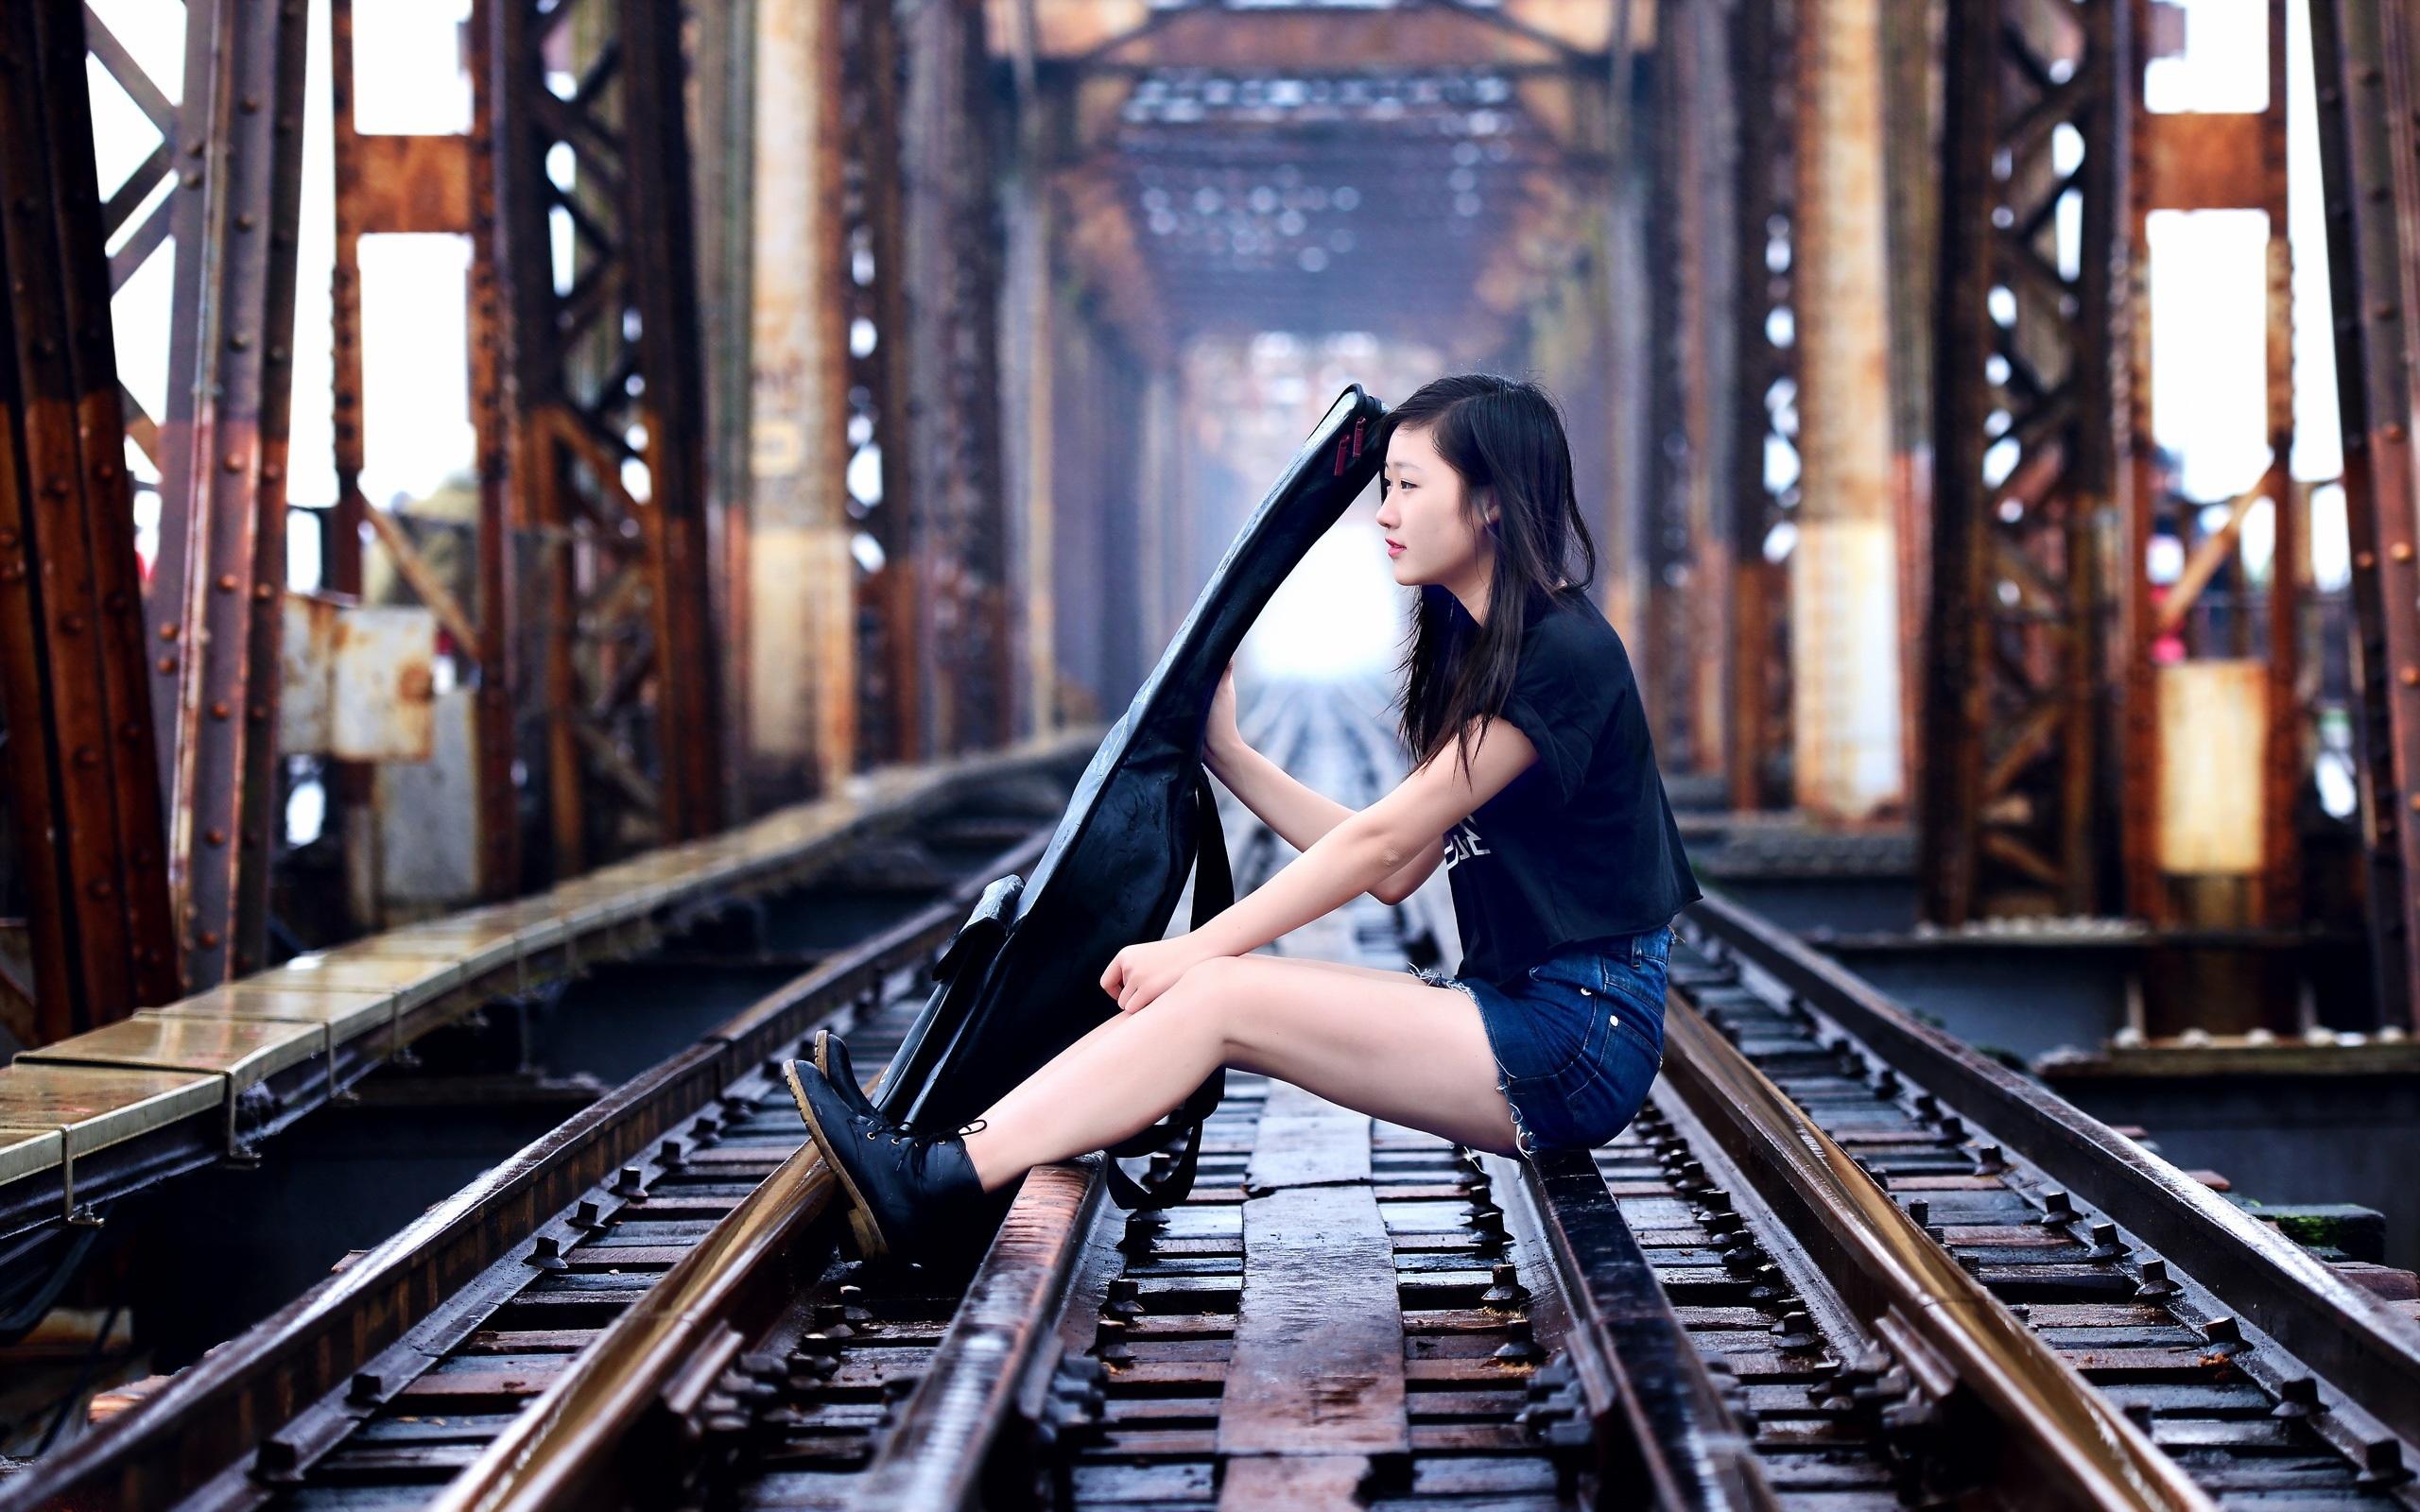 позируем на железнодорожном мосту было